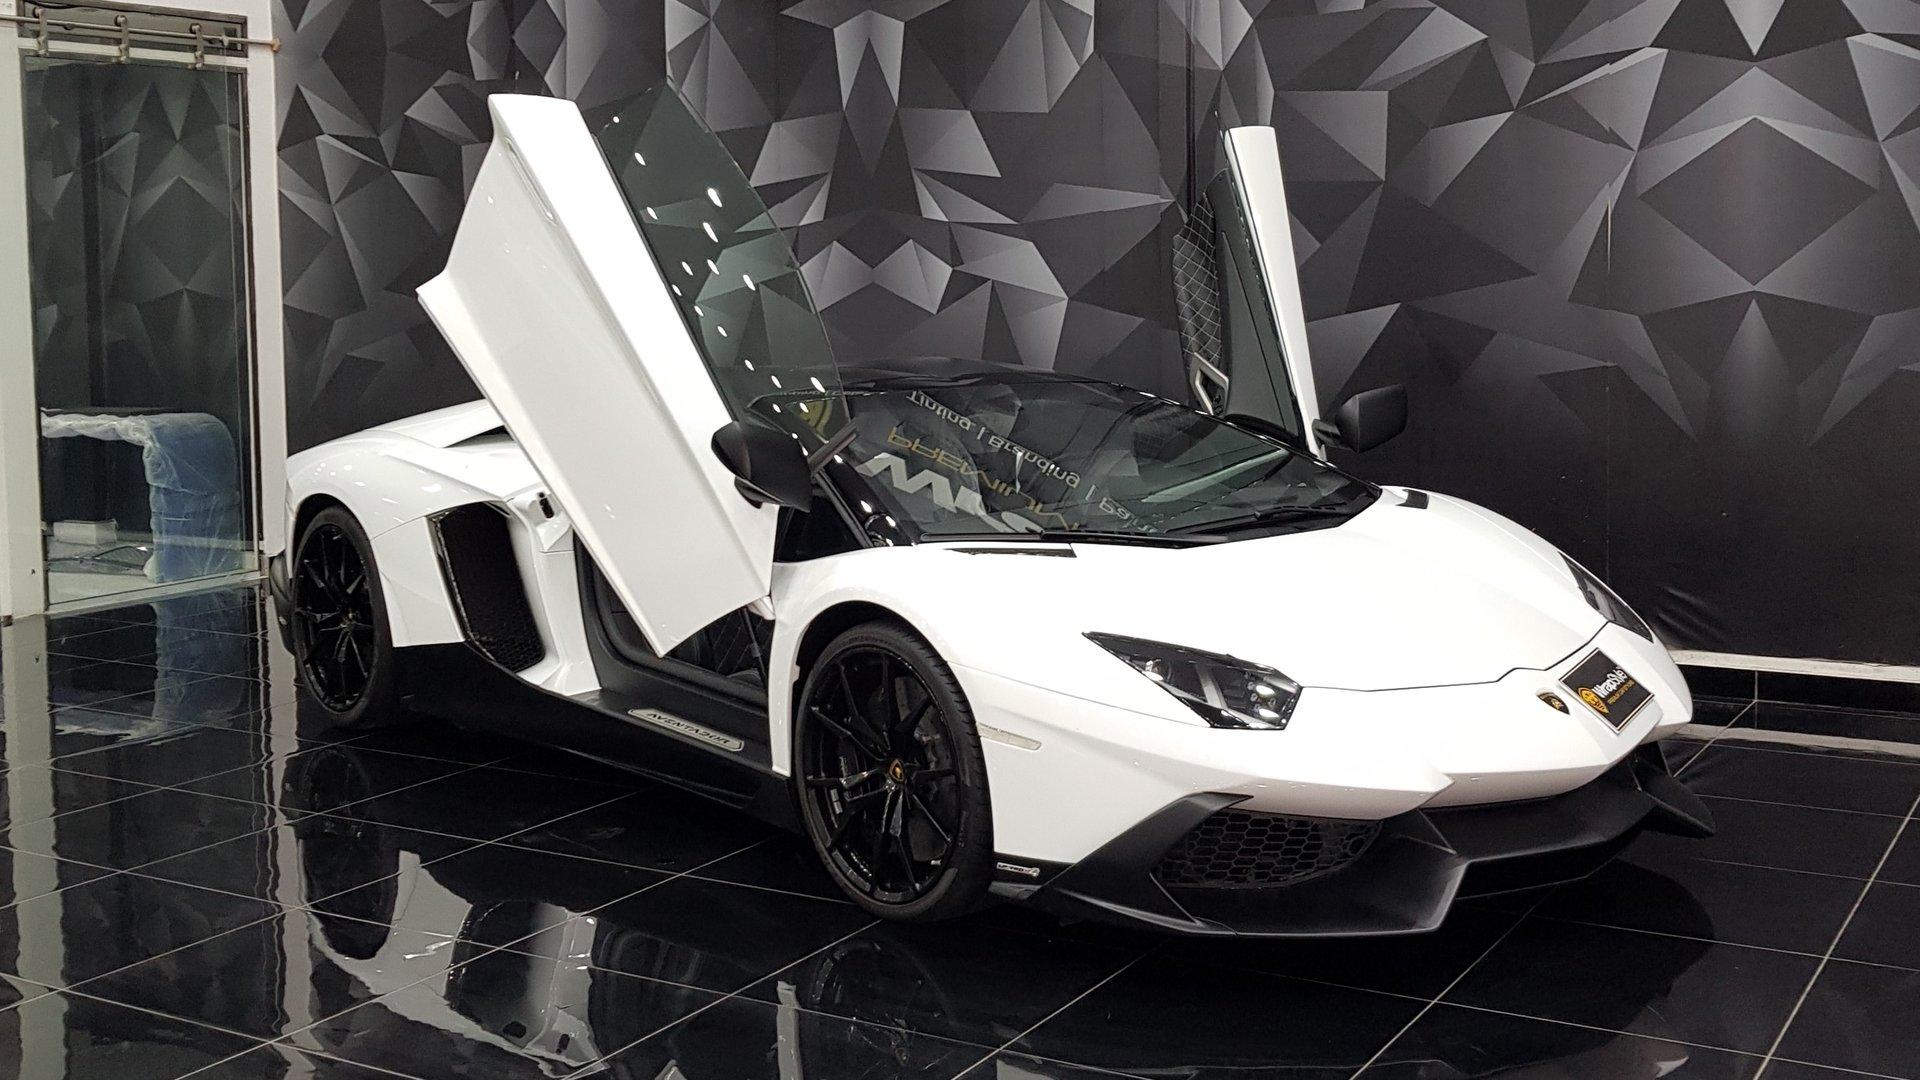 Lamborghini Aventador White Gloss Wrap Wrapstyle